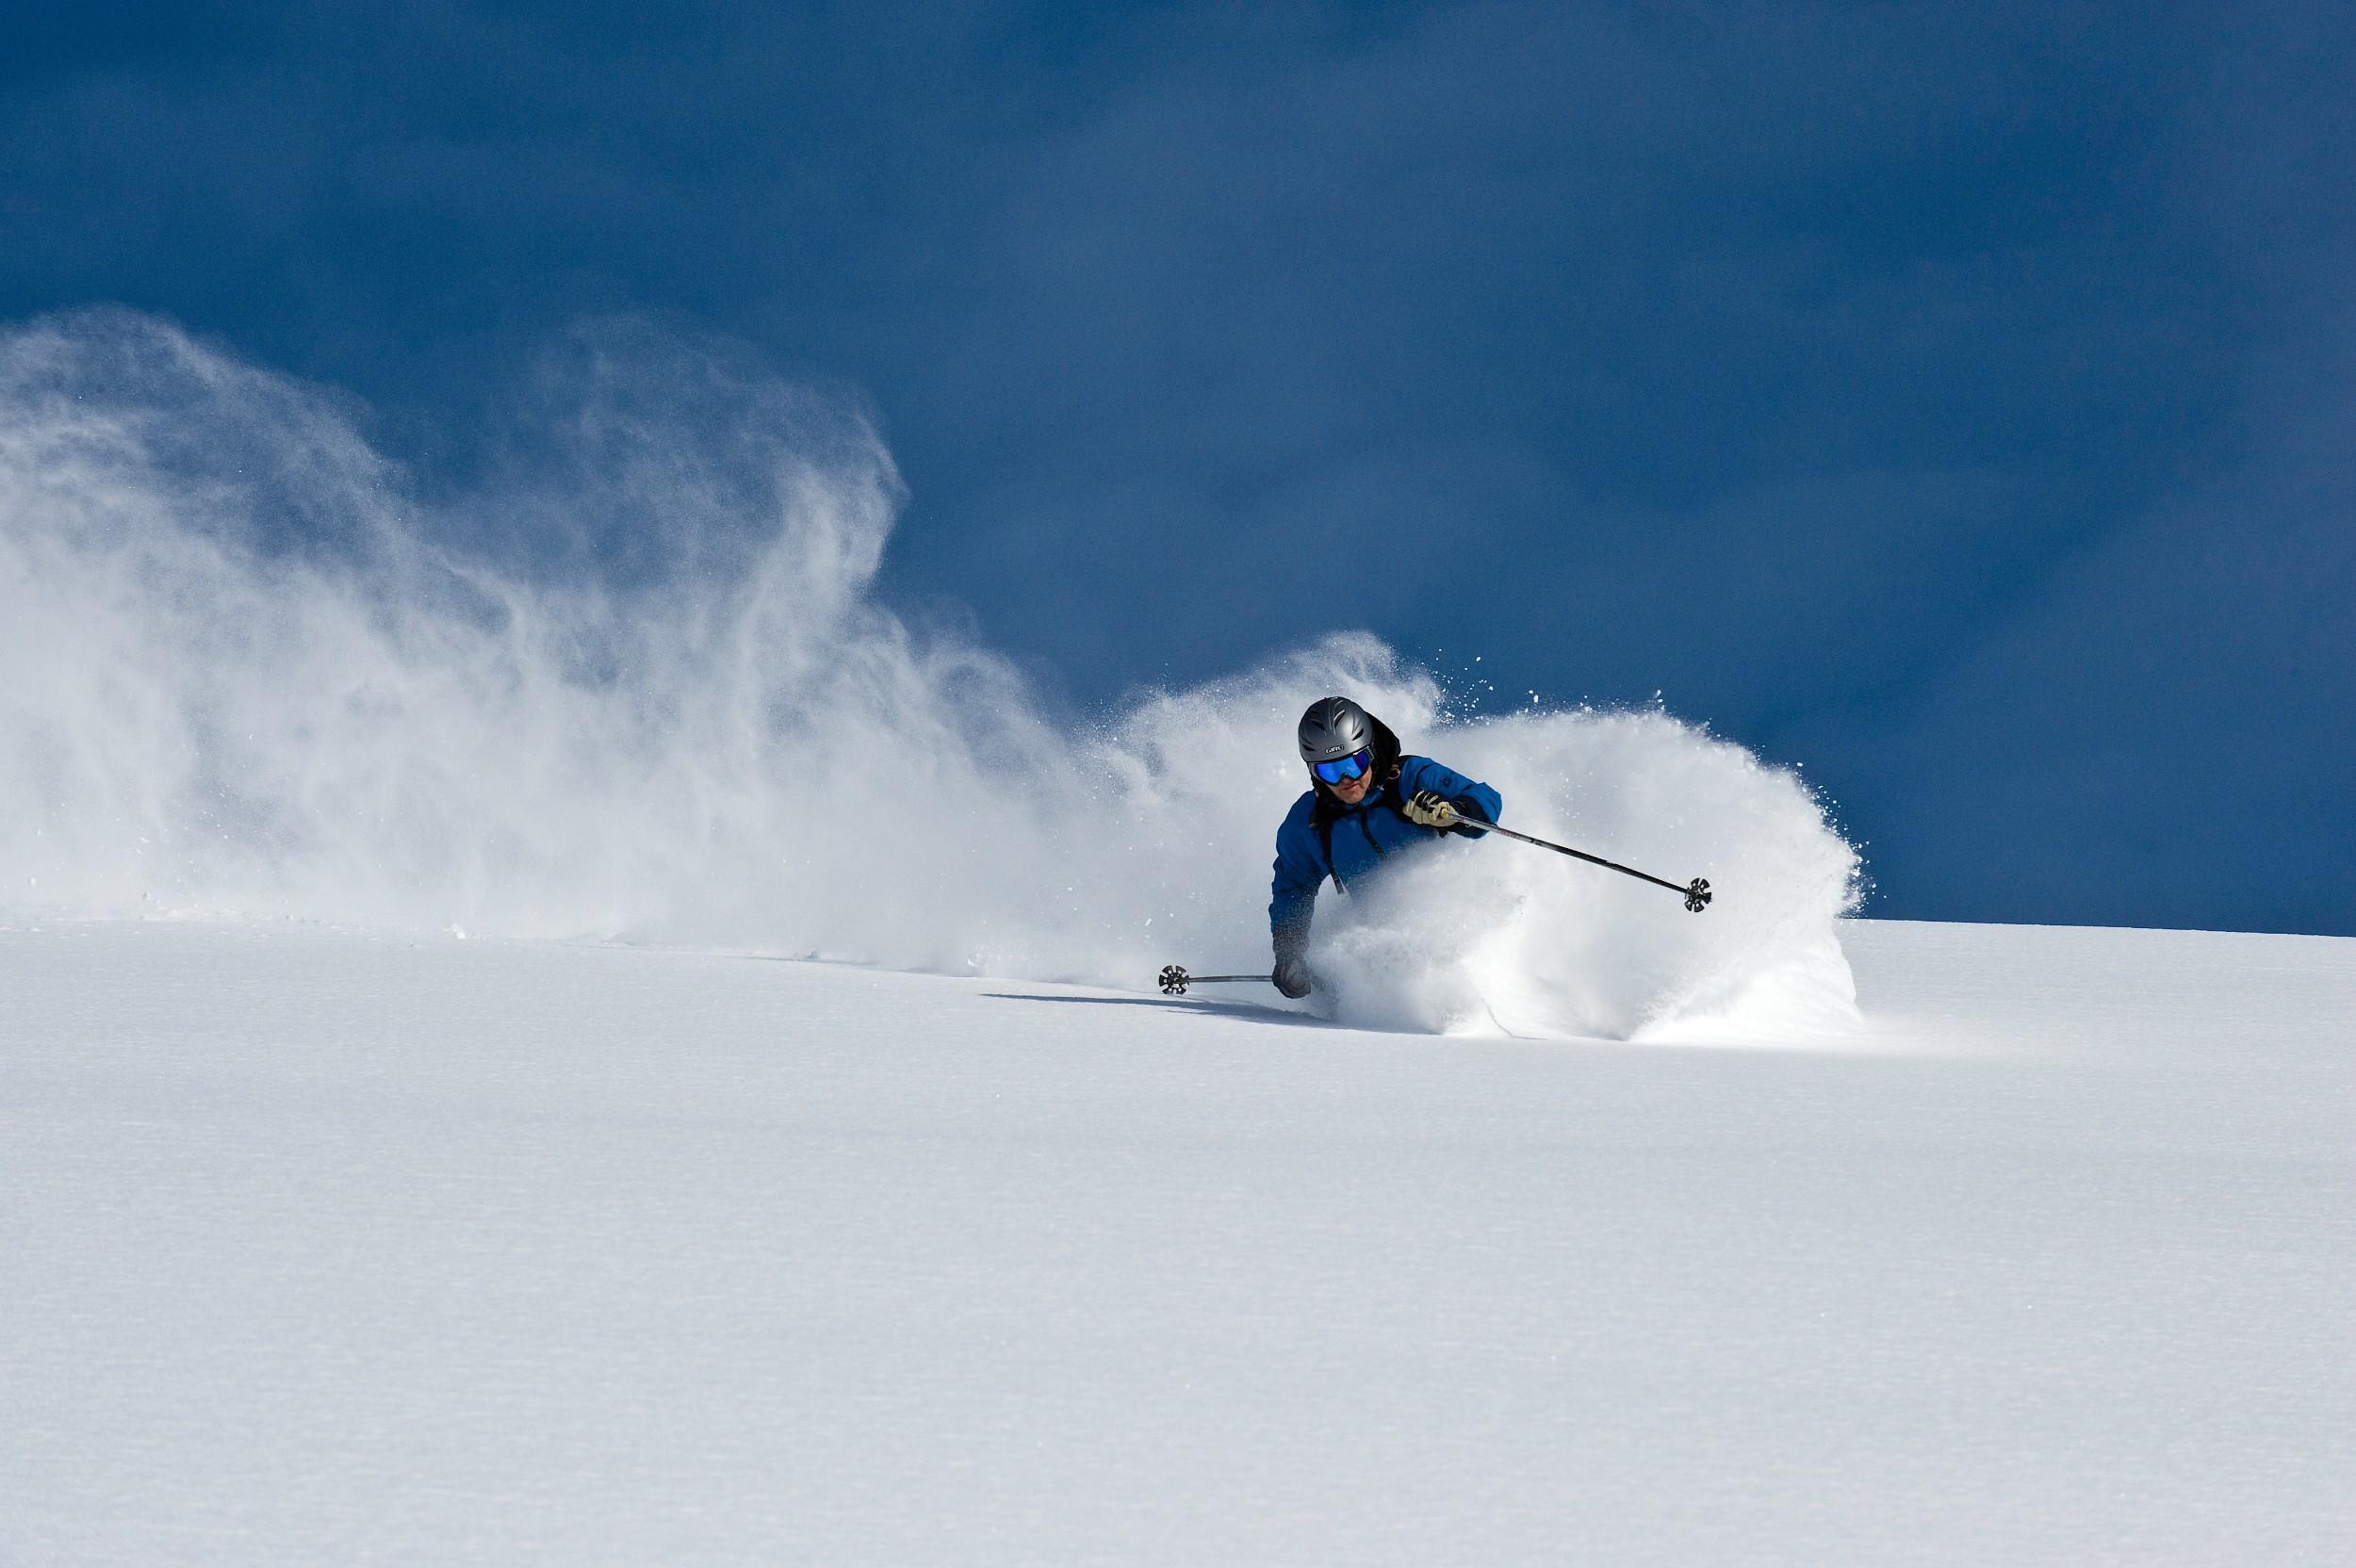 Powder Blue Skies photo Eric Berger and Bella Coola Heli Sports.jpg